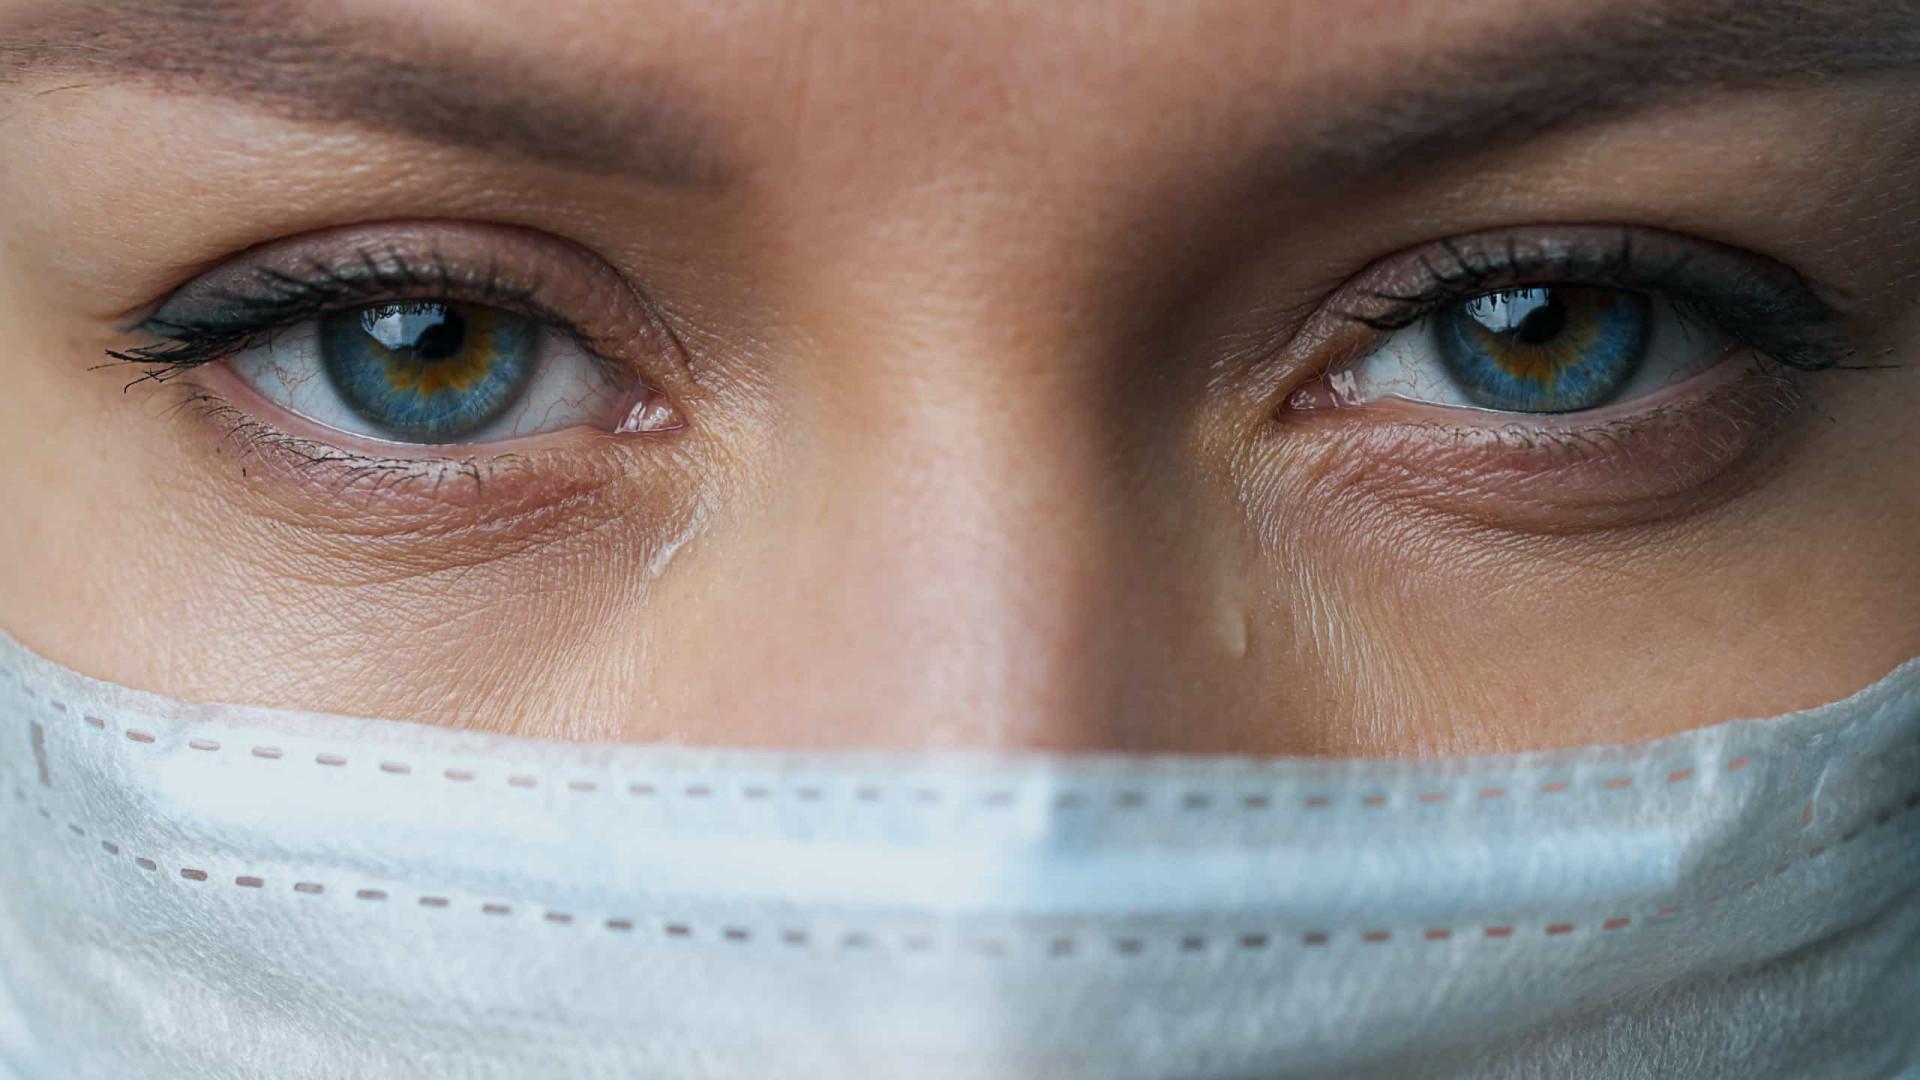 Colocar uma máscara usada pode ser mais perigoso do que não usar nenhuma